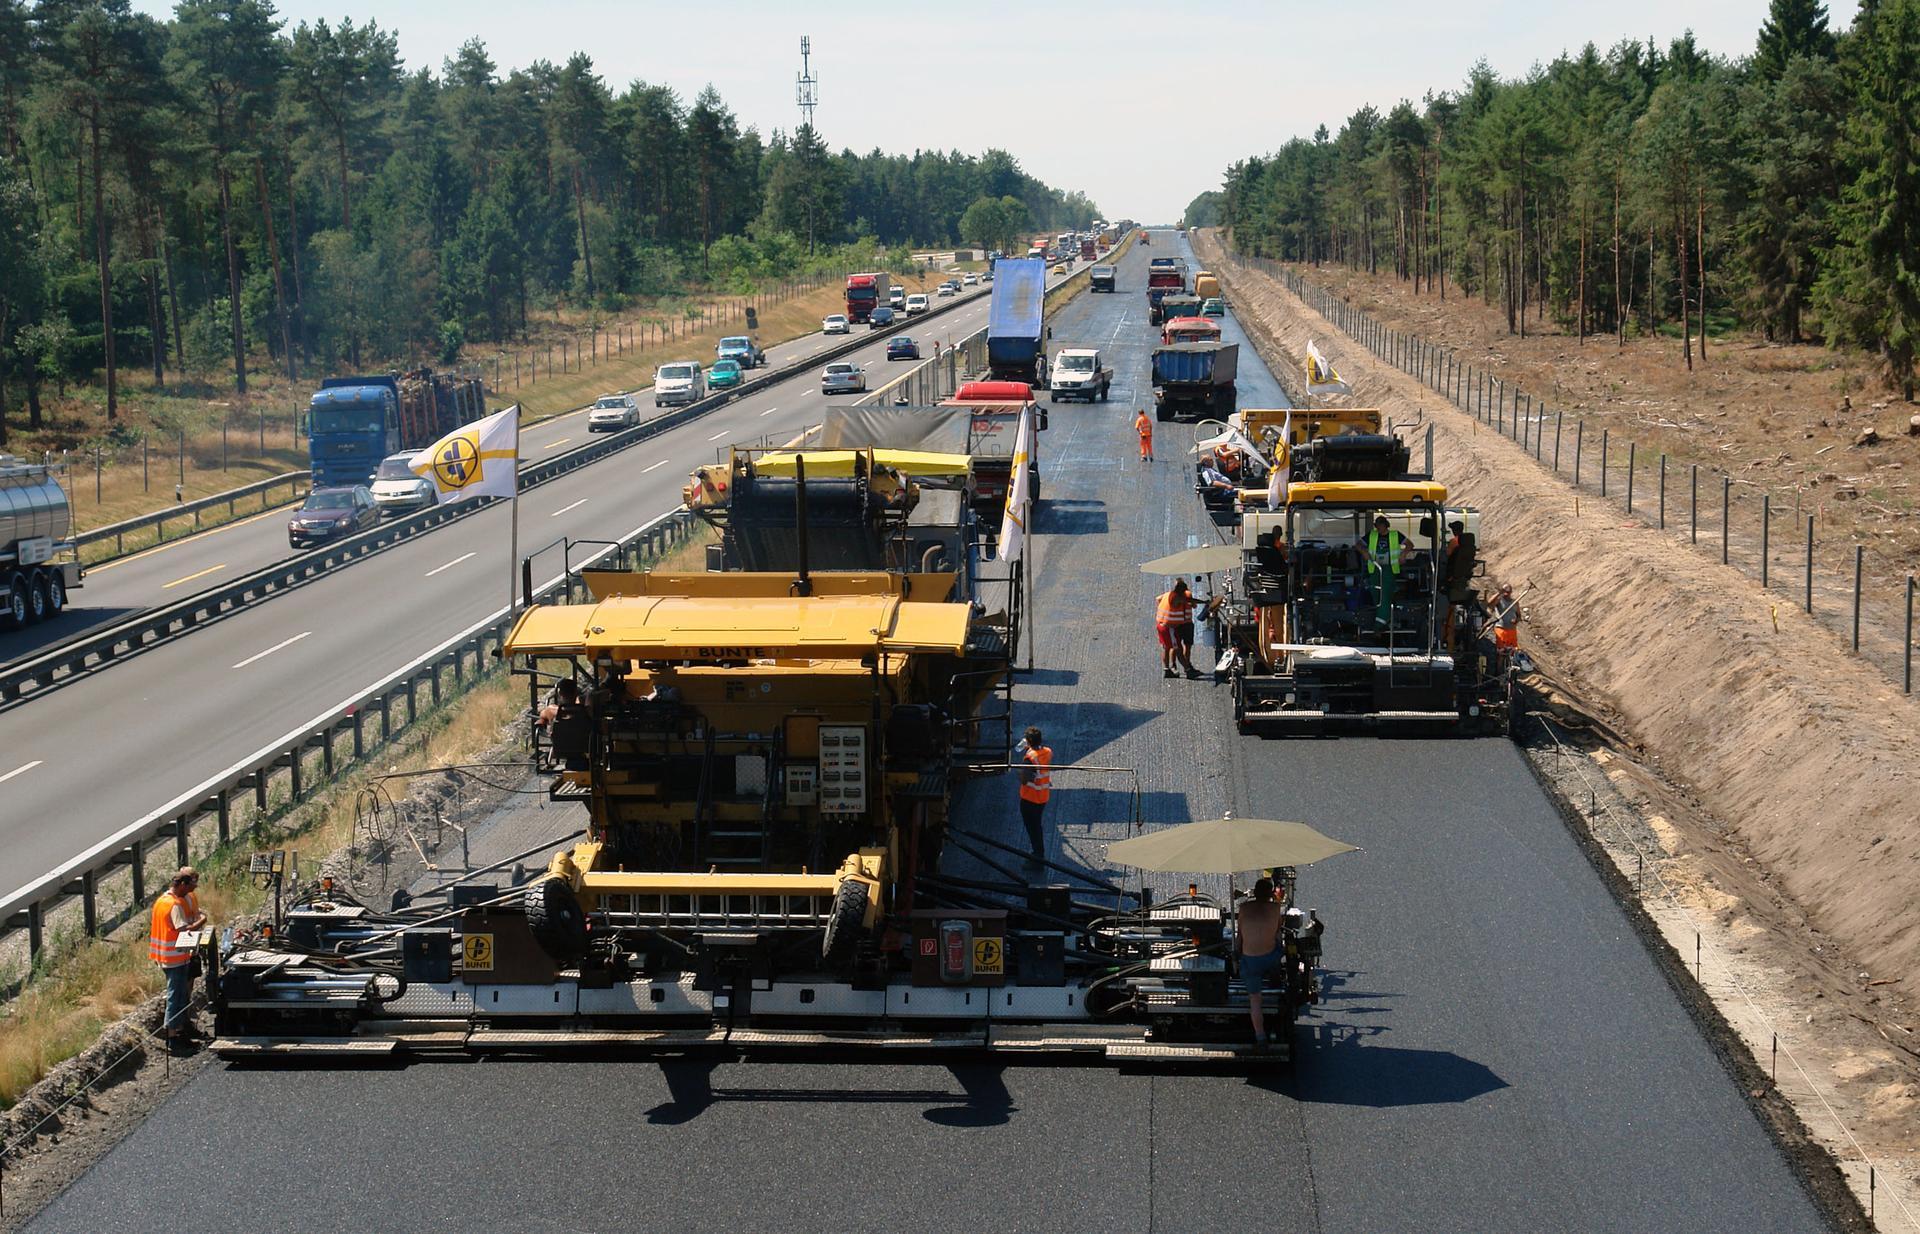 Госдума приняла решение привлекать к строительству дорог заключенных